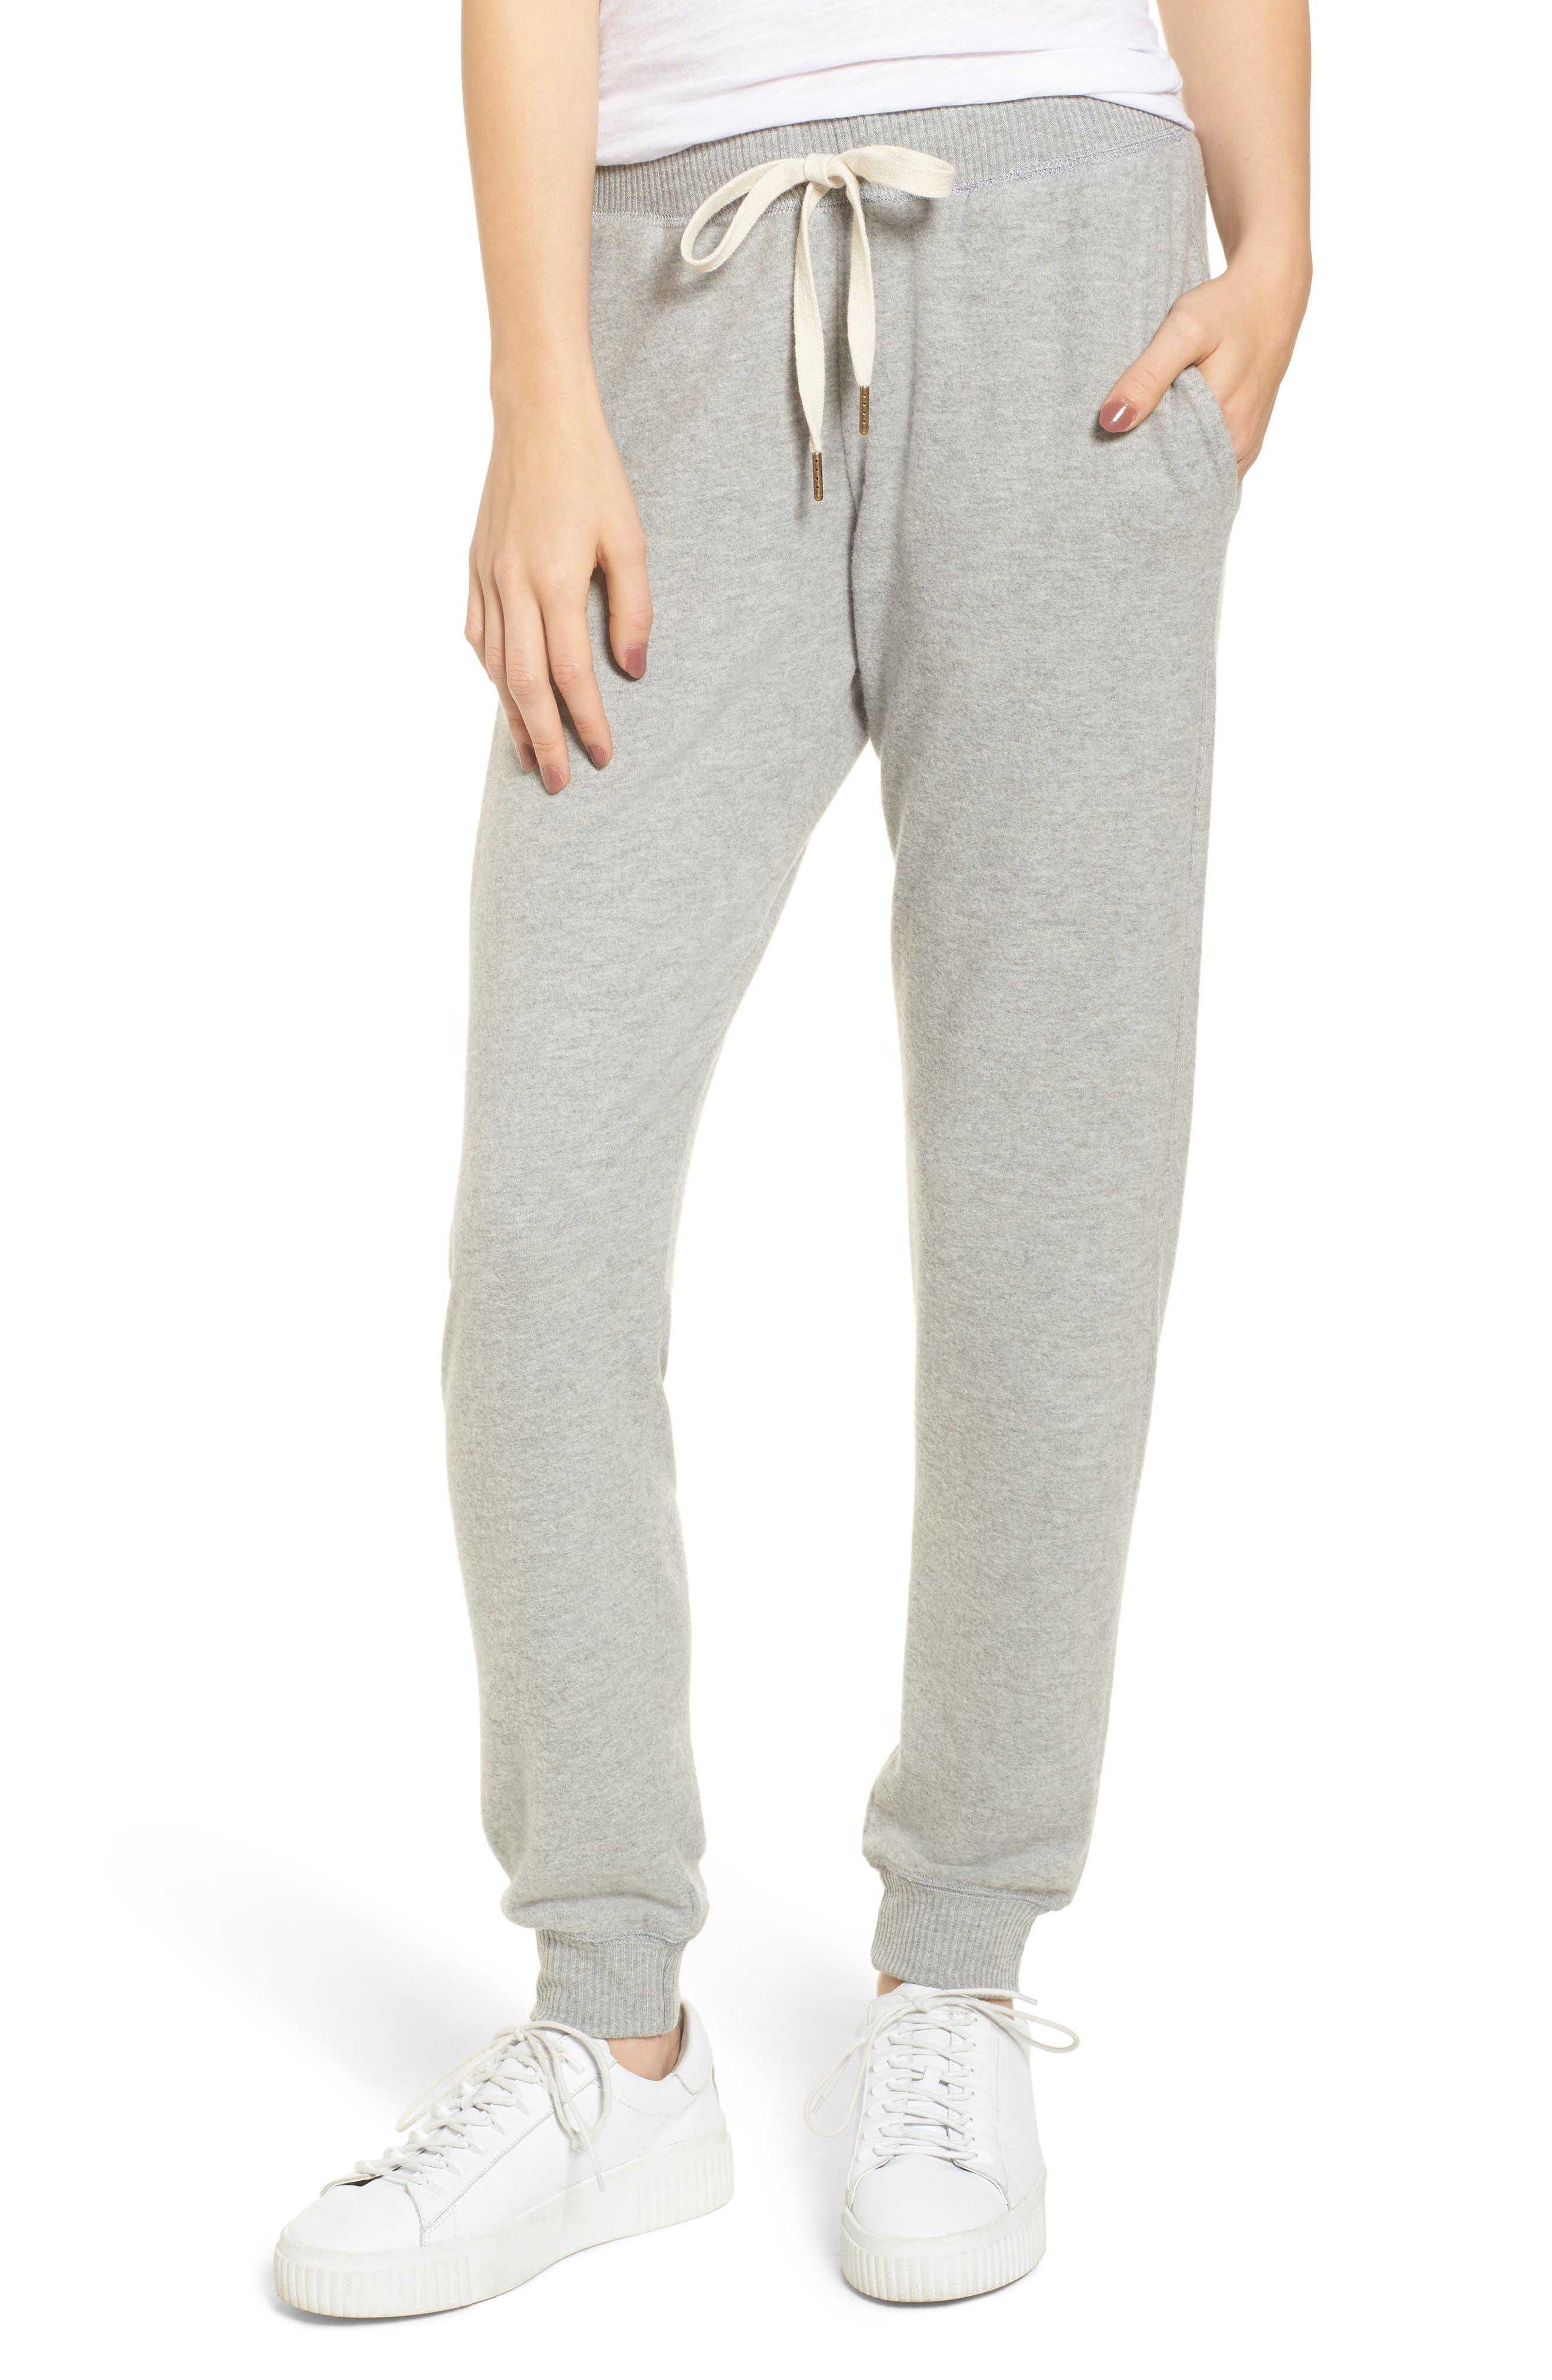 White Linen Pants For Juniors 9DbcSapW